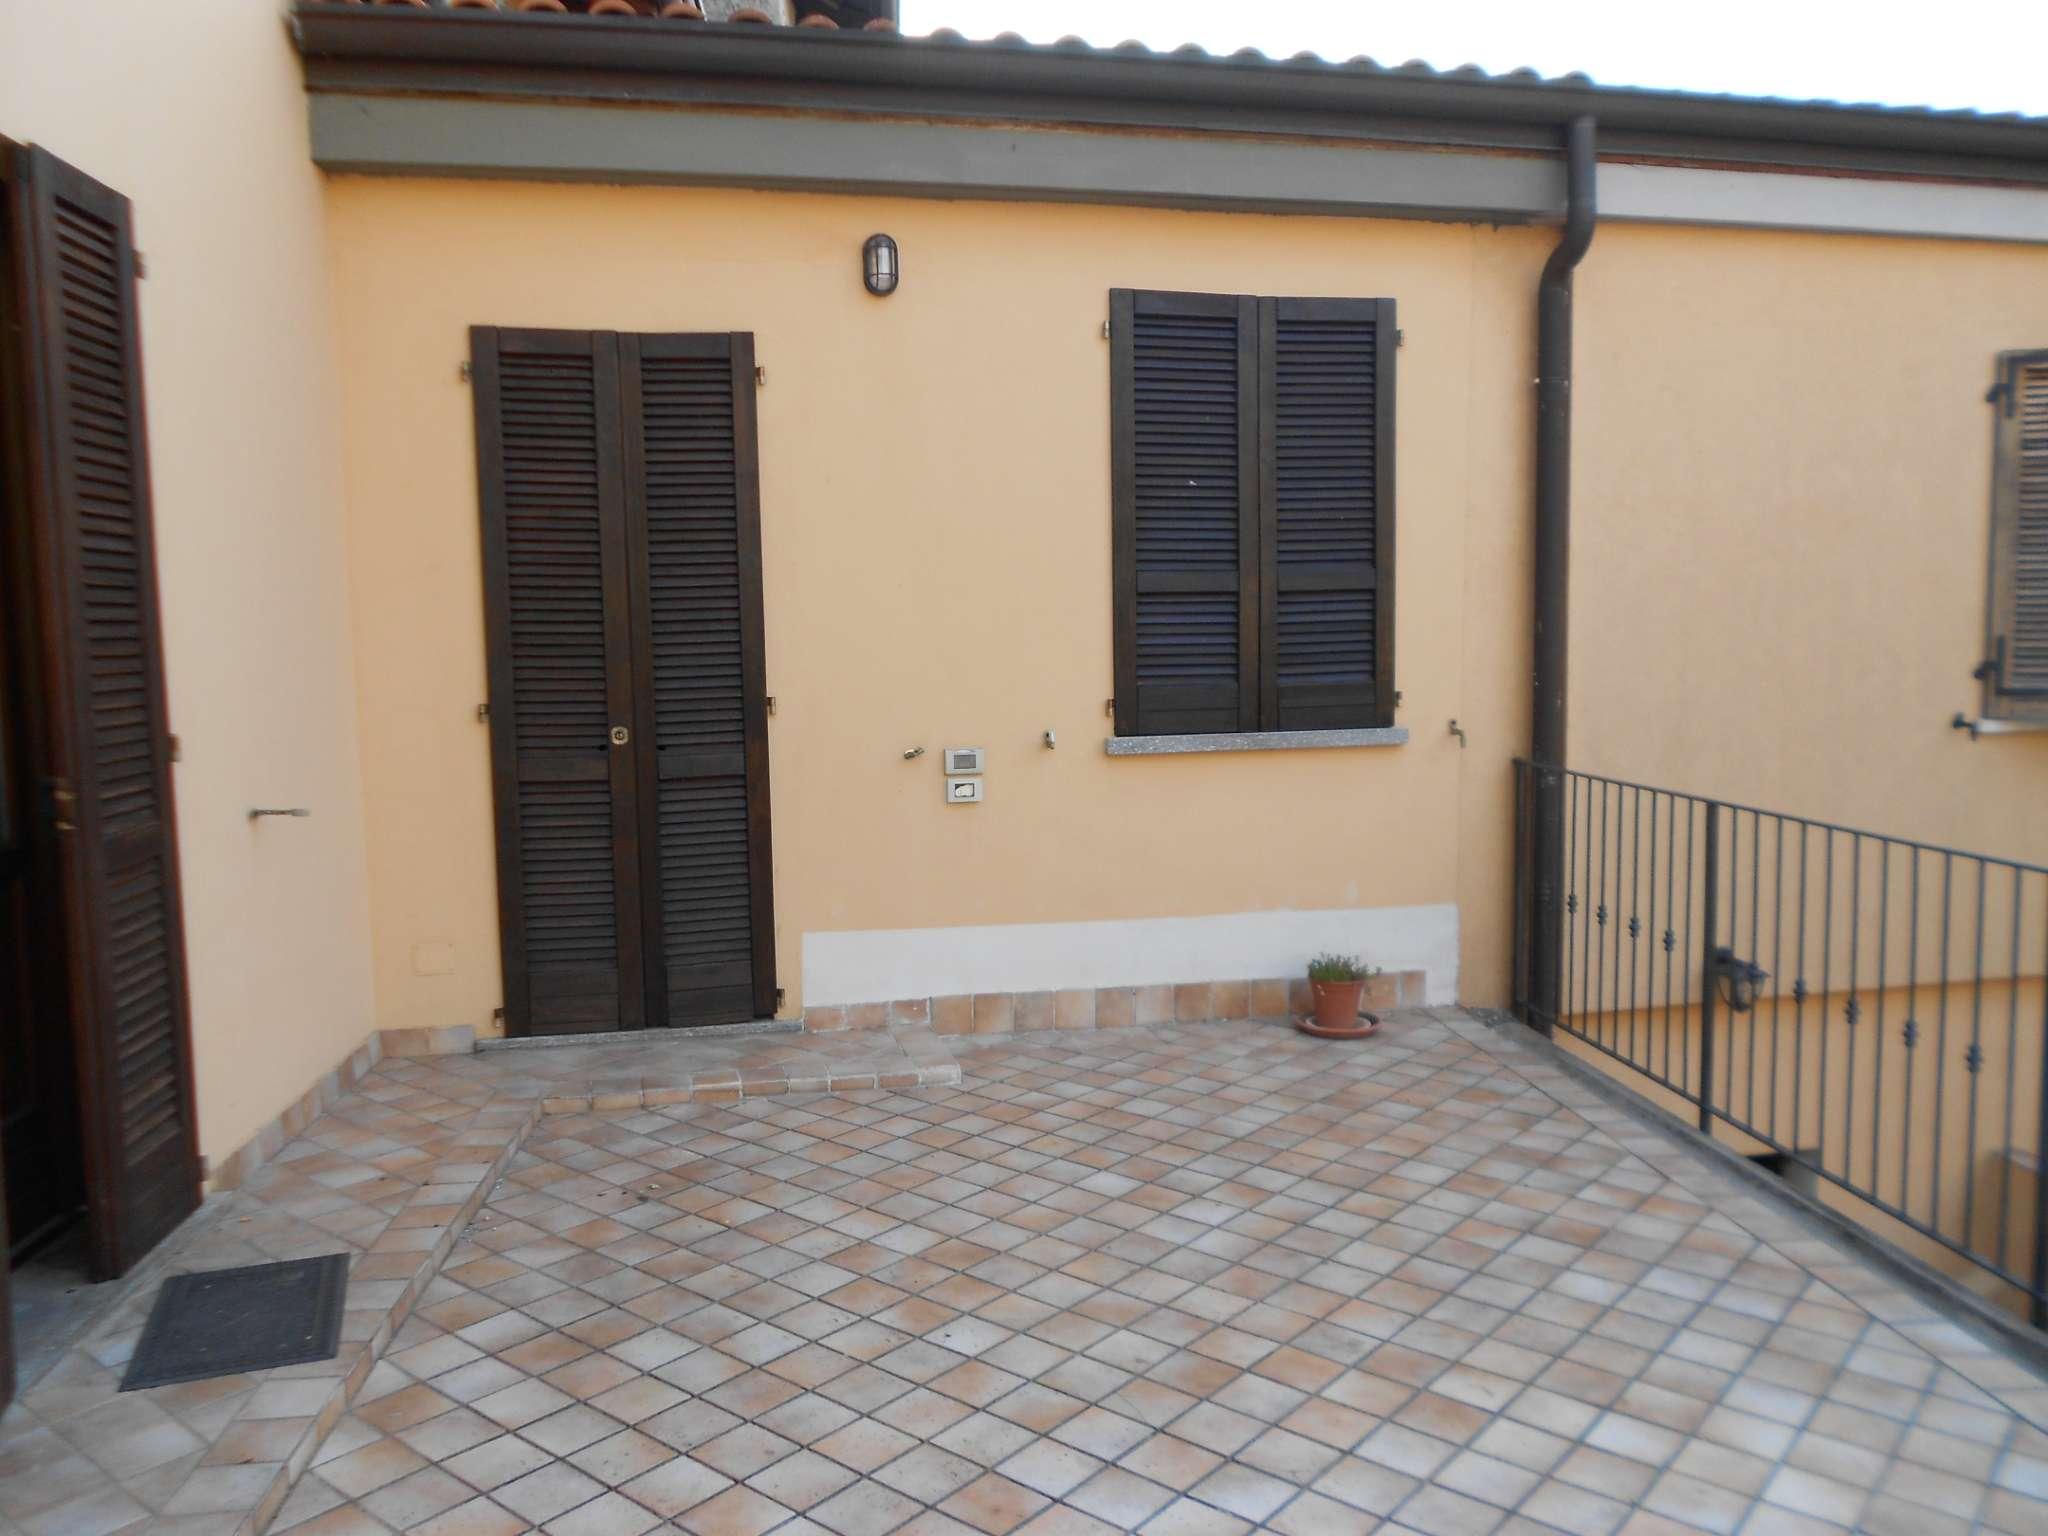 Appartamento in vendita a Soresina, 2 locali, prezzo € 71.000 | PortaleAgenzieImmobiliari.it